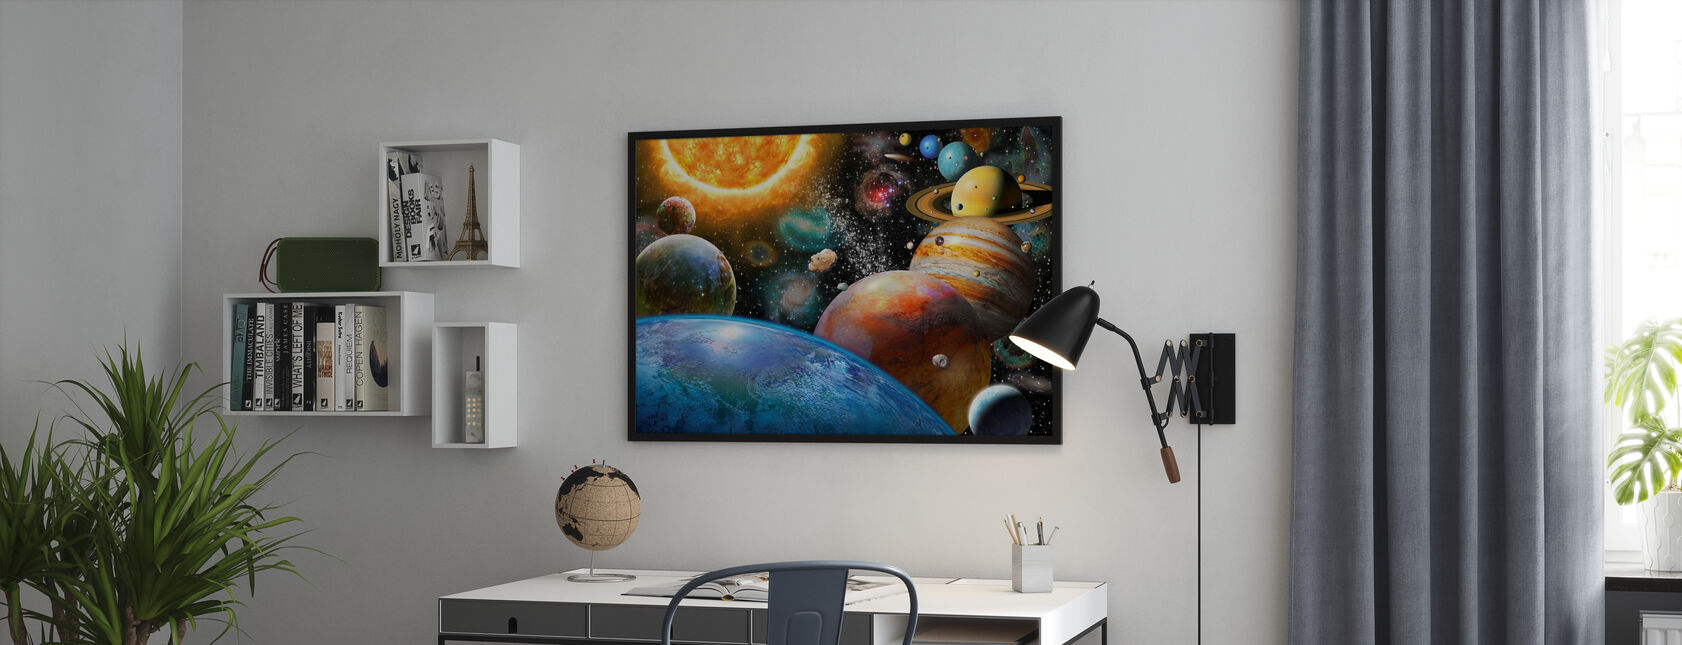 Planeetat ja niiden kuut - Kehystetty kuva - Toimisto